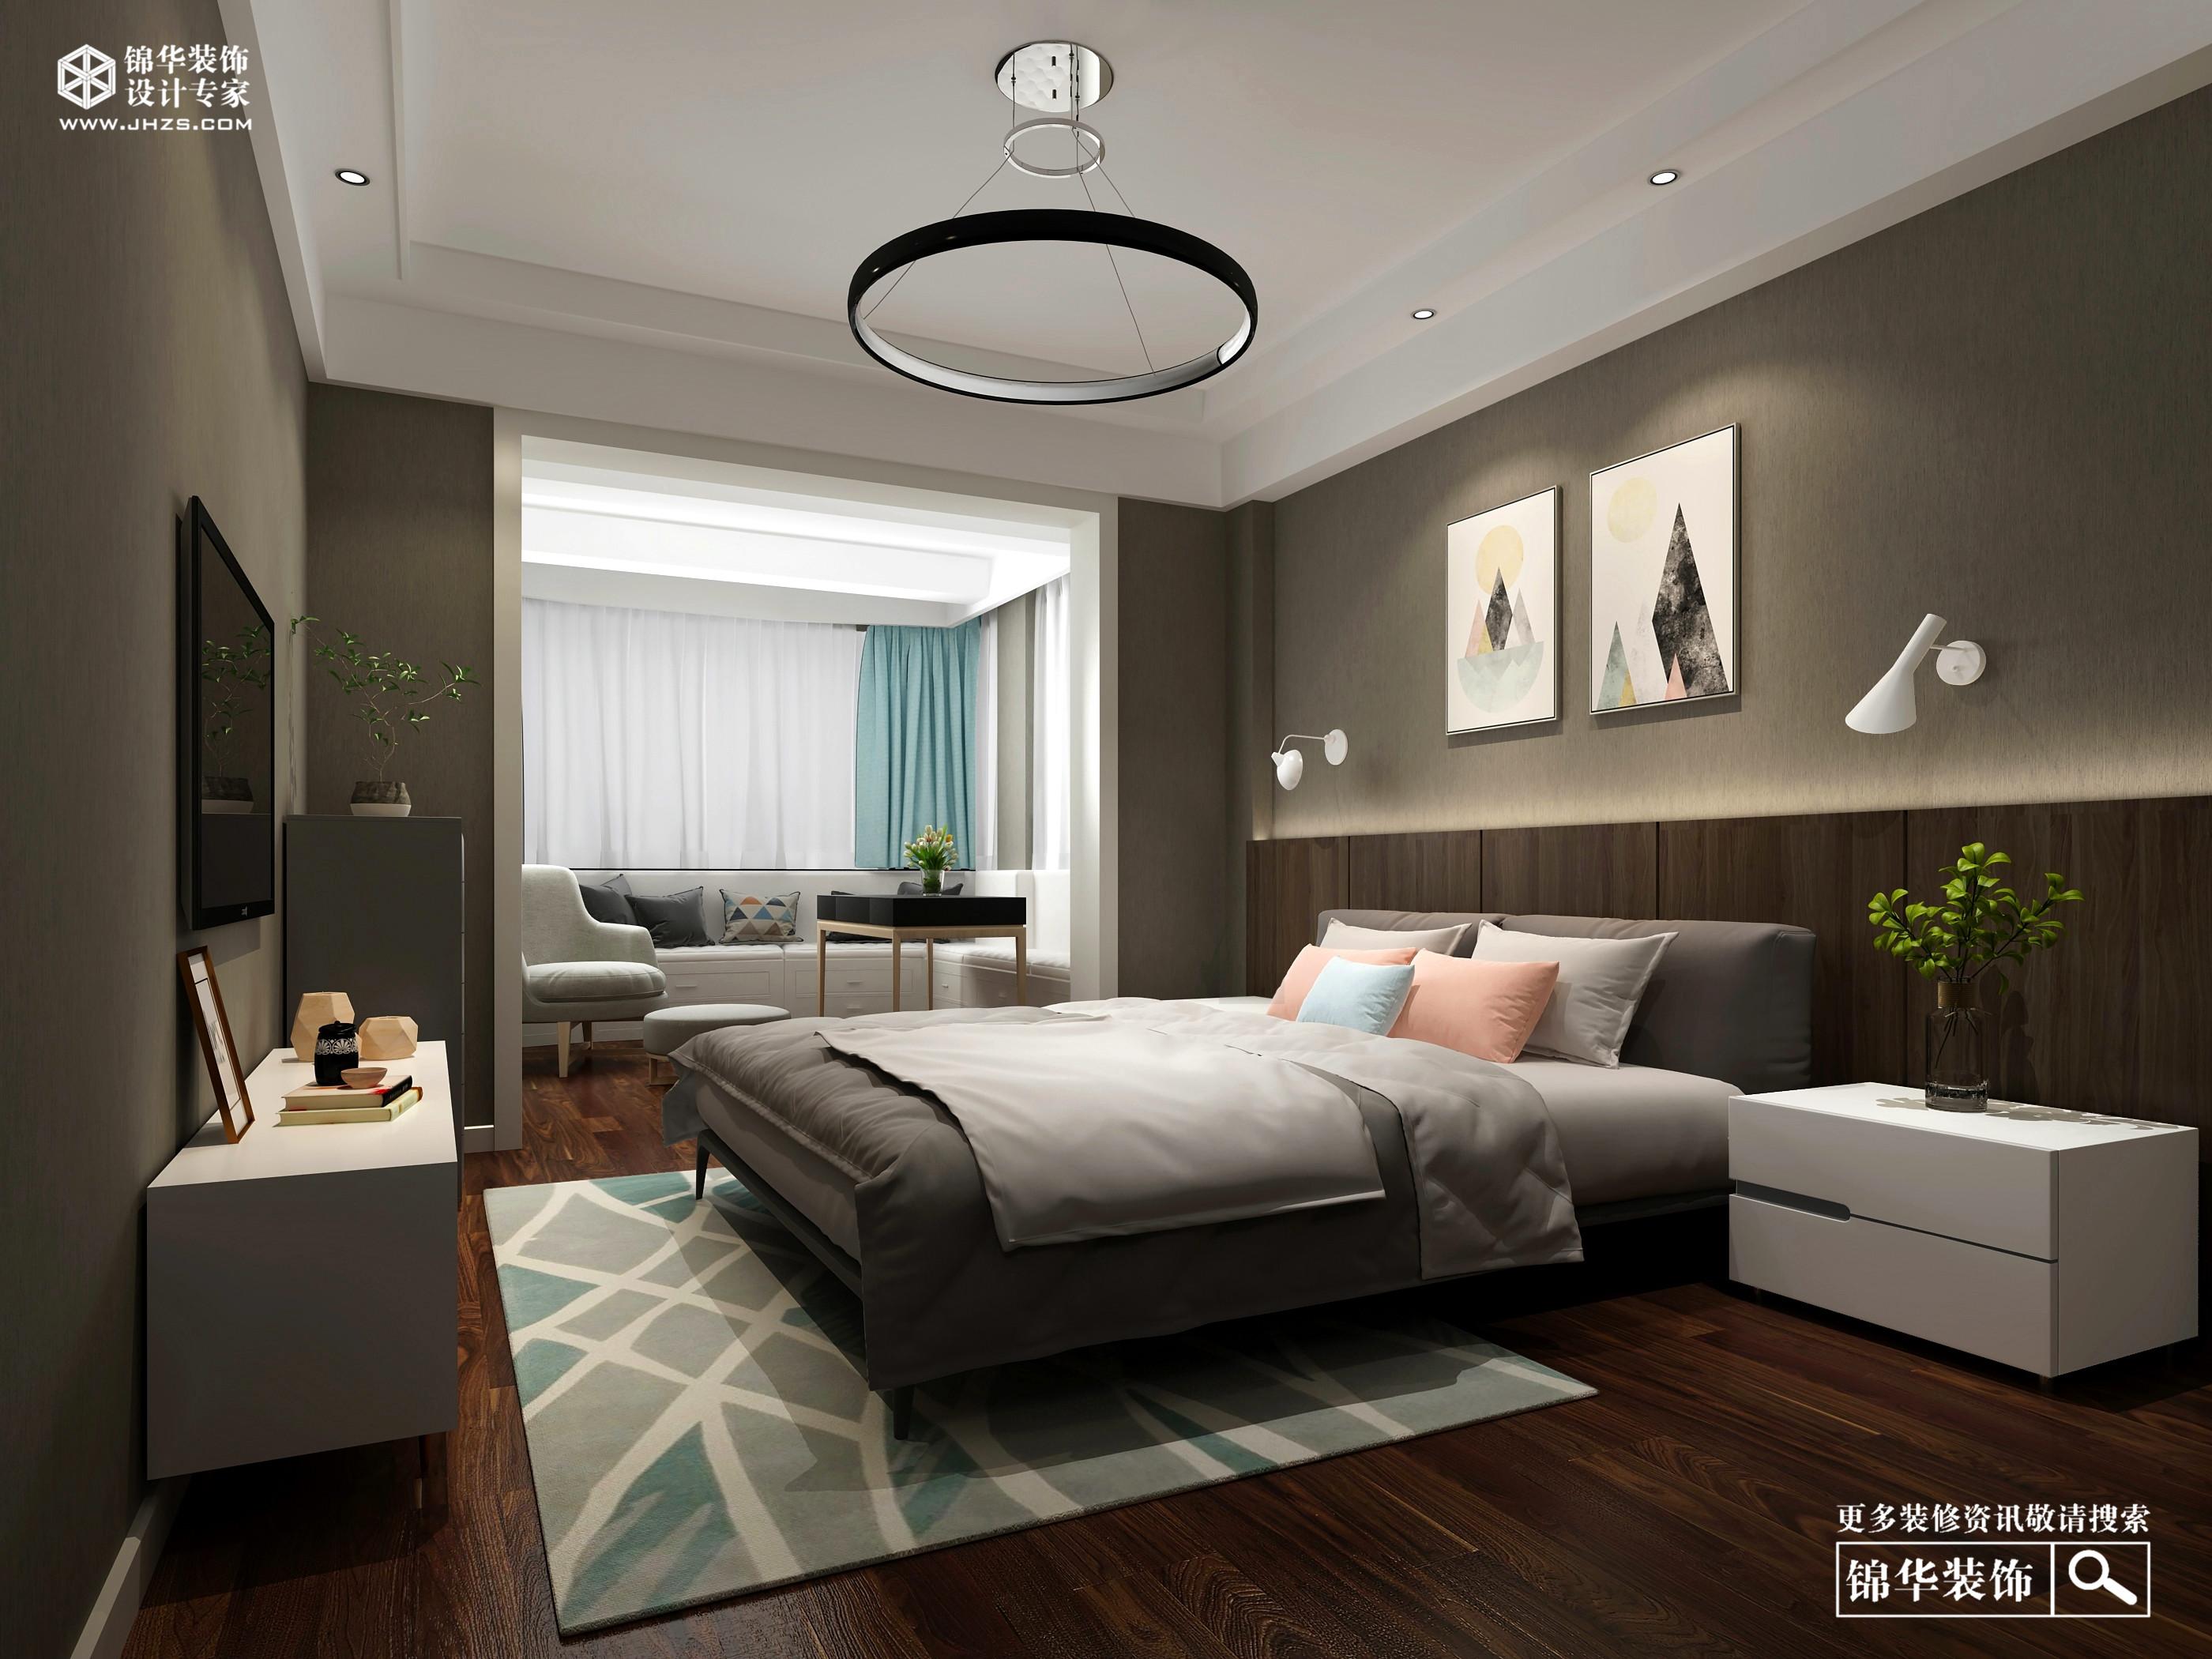 中北新村150平北欧风格效果图装修-三室两厅-北欧